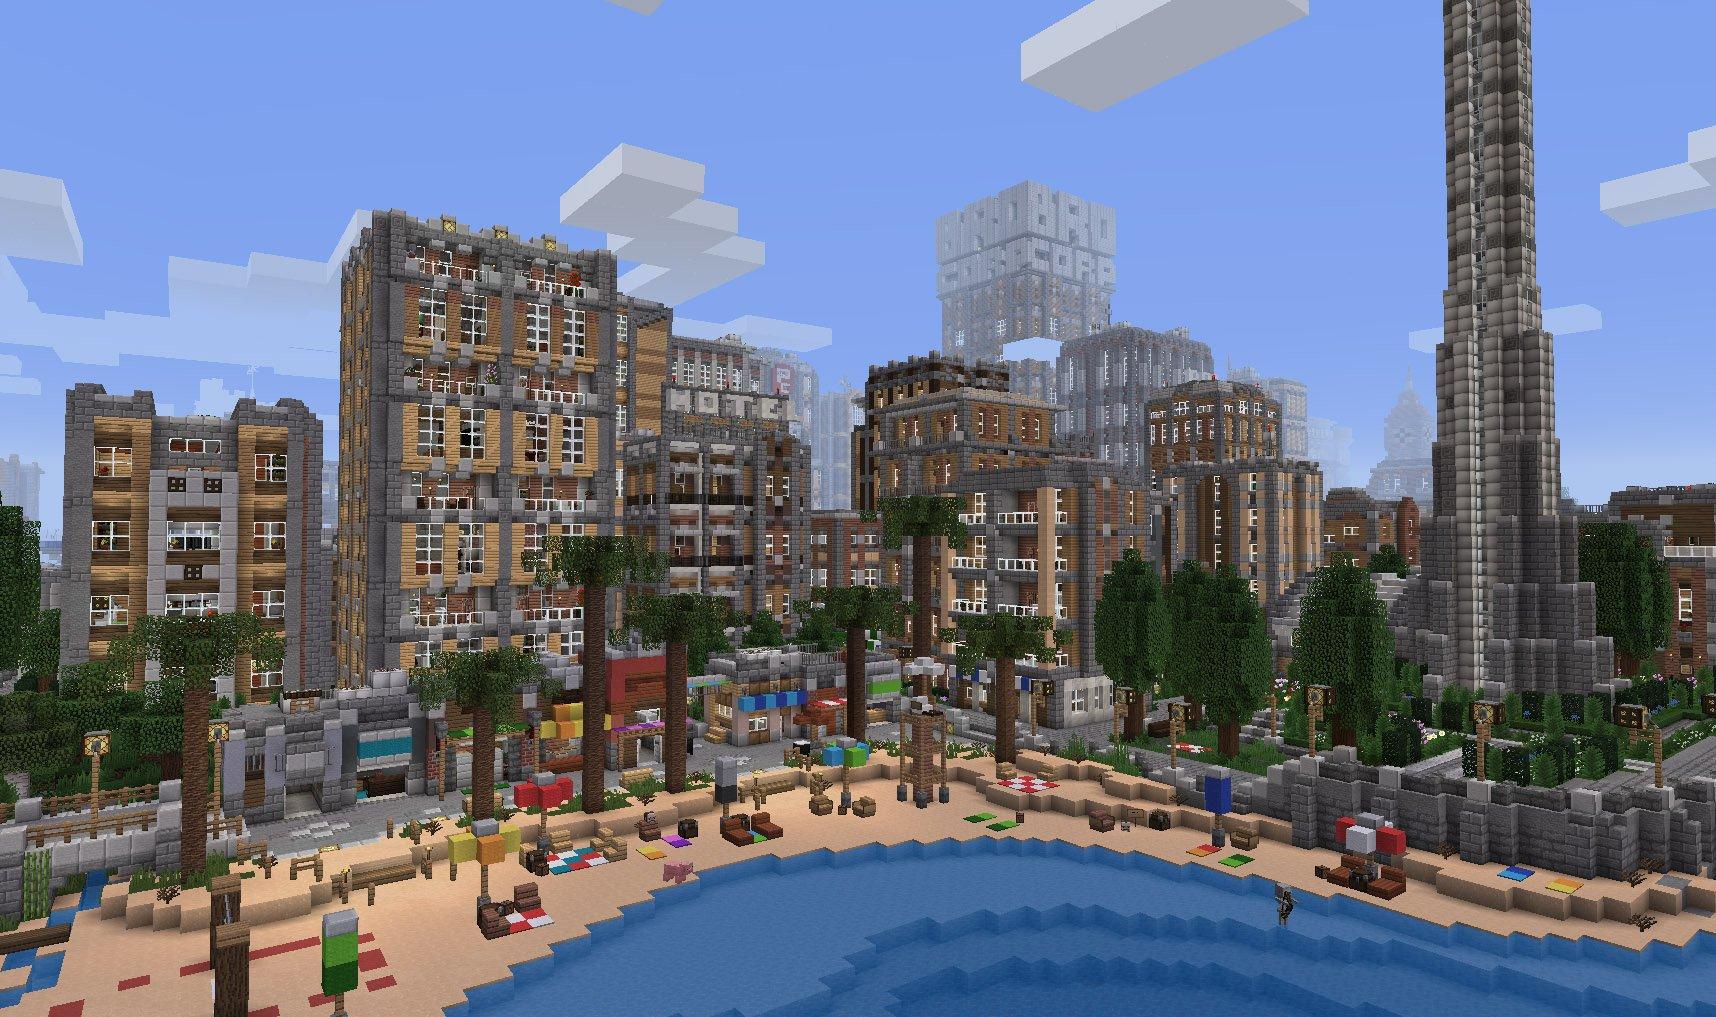 Broville – Une ville Minecraft où vous aimerez vous perdre